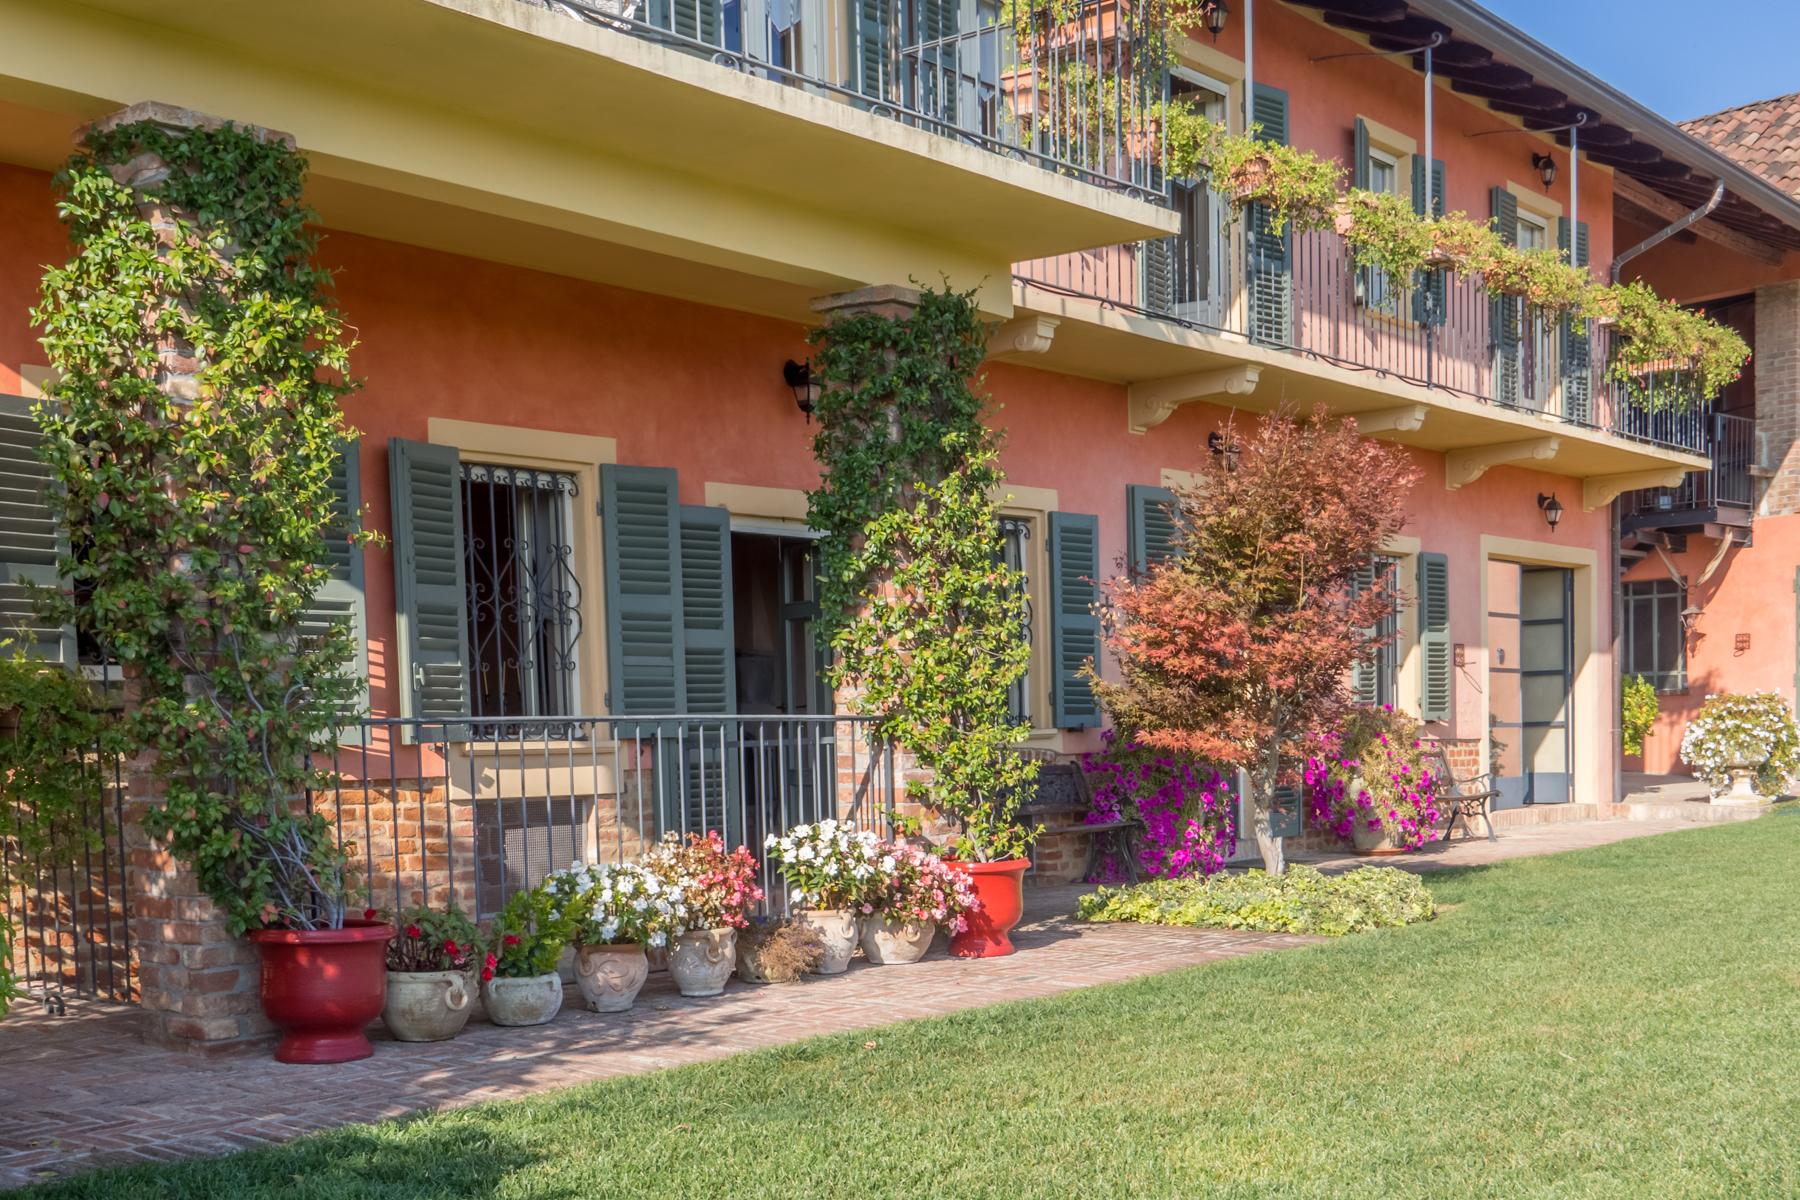 Rustico in Vendita a Montemagno: 5 locali, 2000 mq - Foto 4